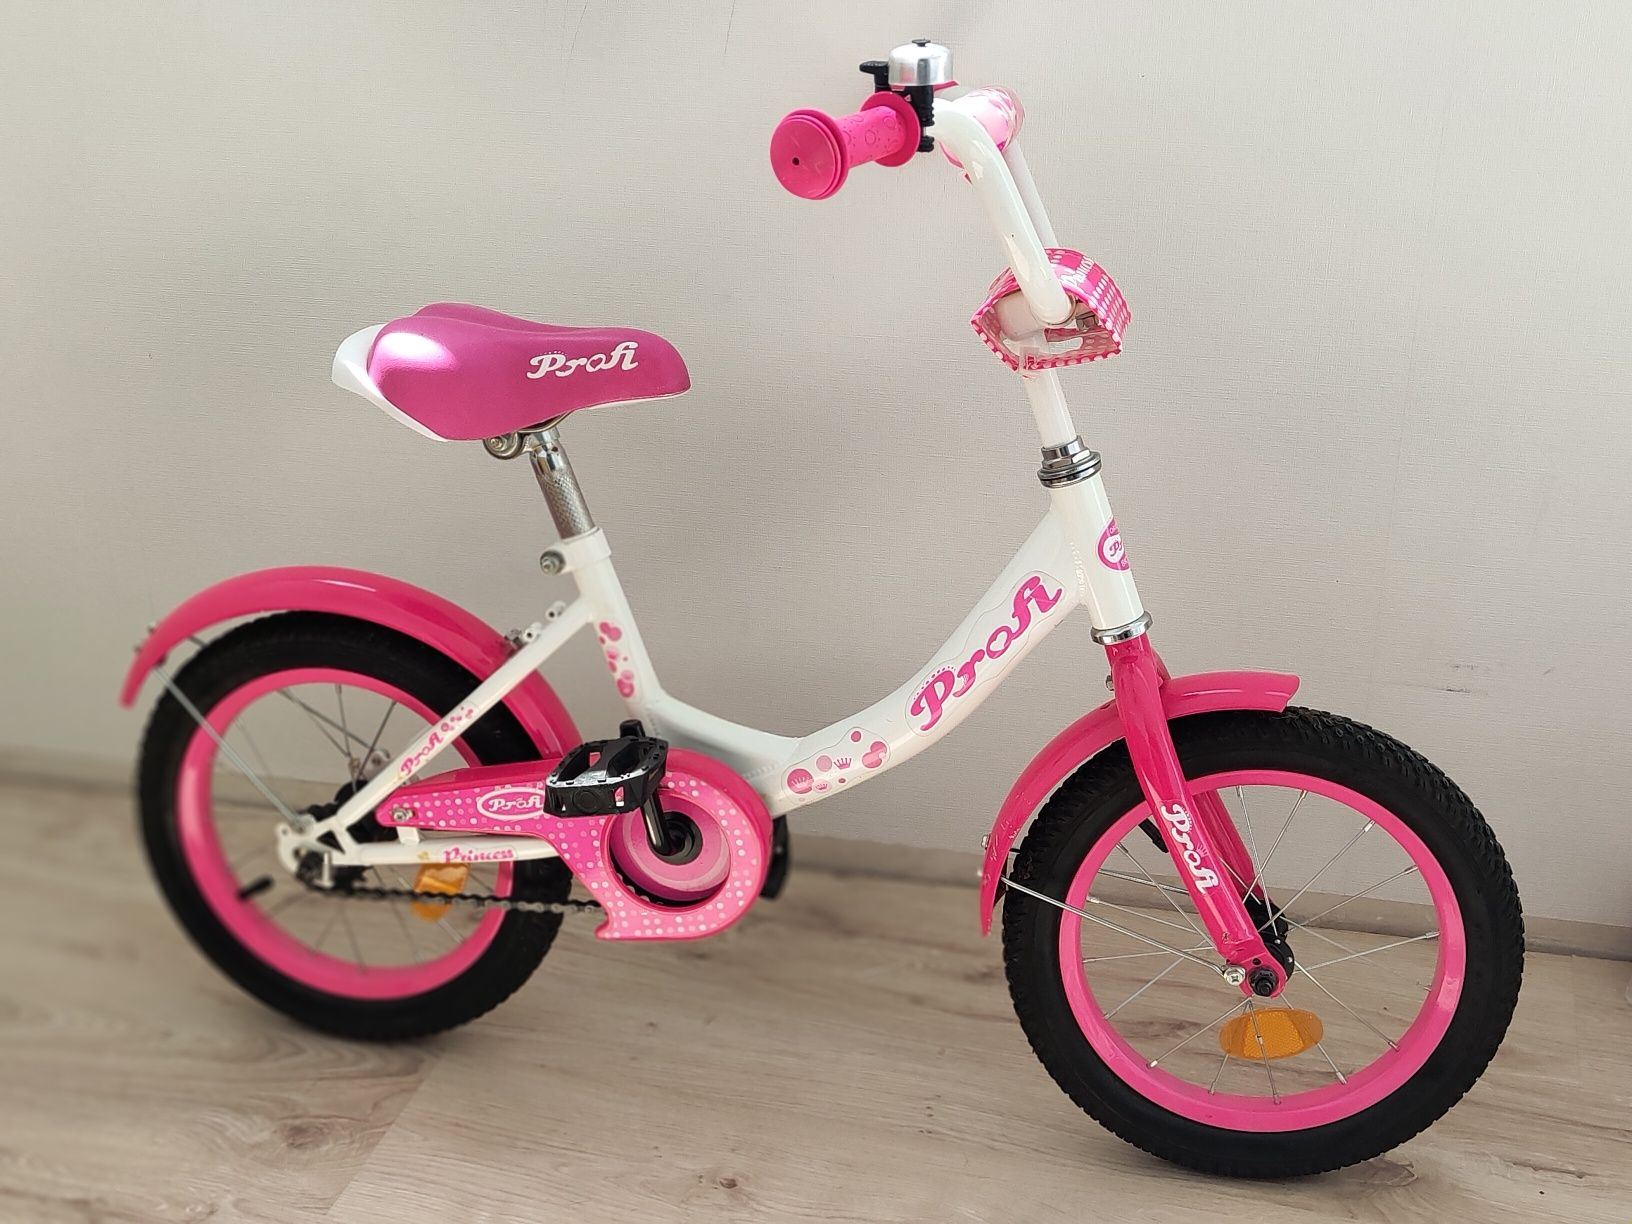 Велосипед для девочки profi, возраст 3-5 лет